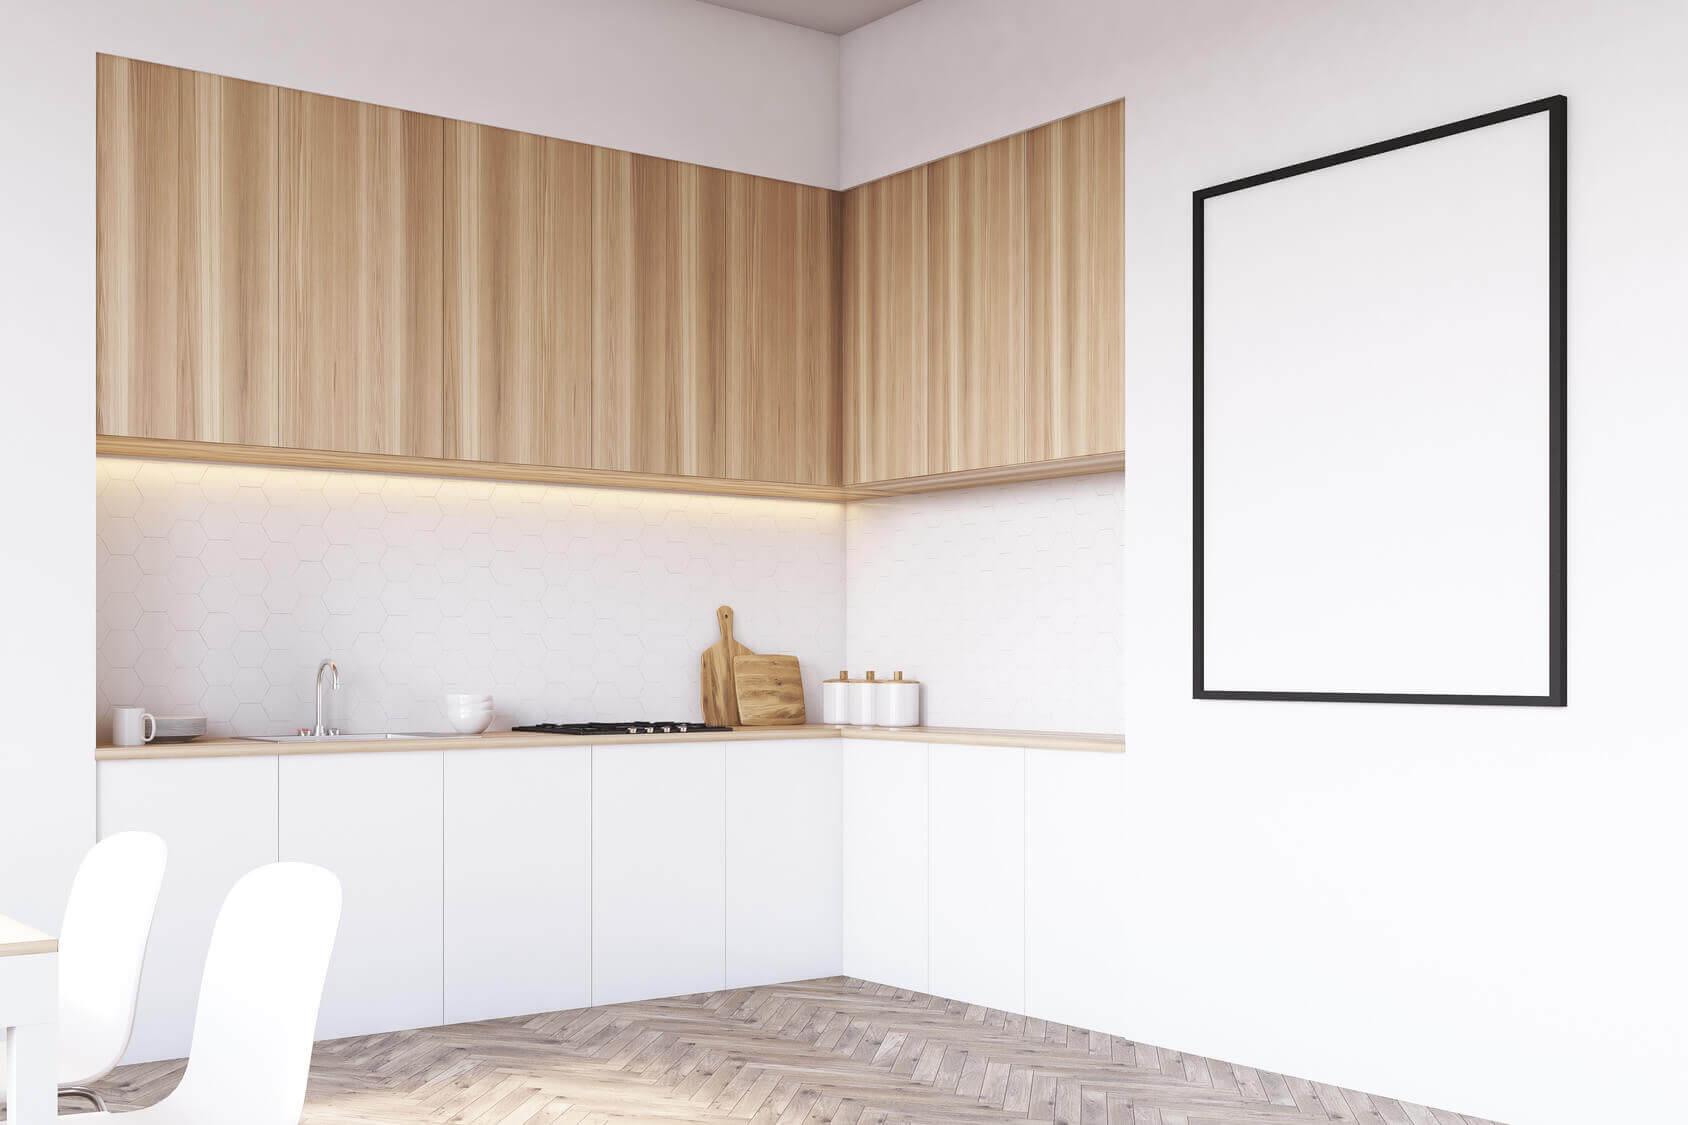 Cocina en esquina 3 cocinas vitoria muebles de cocina vitoria gasteiz tierra home design - Muebles de cocina en esquina ...